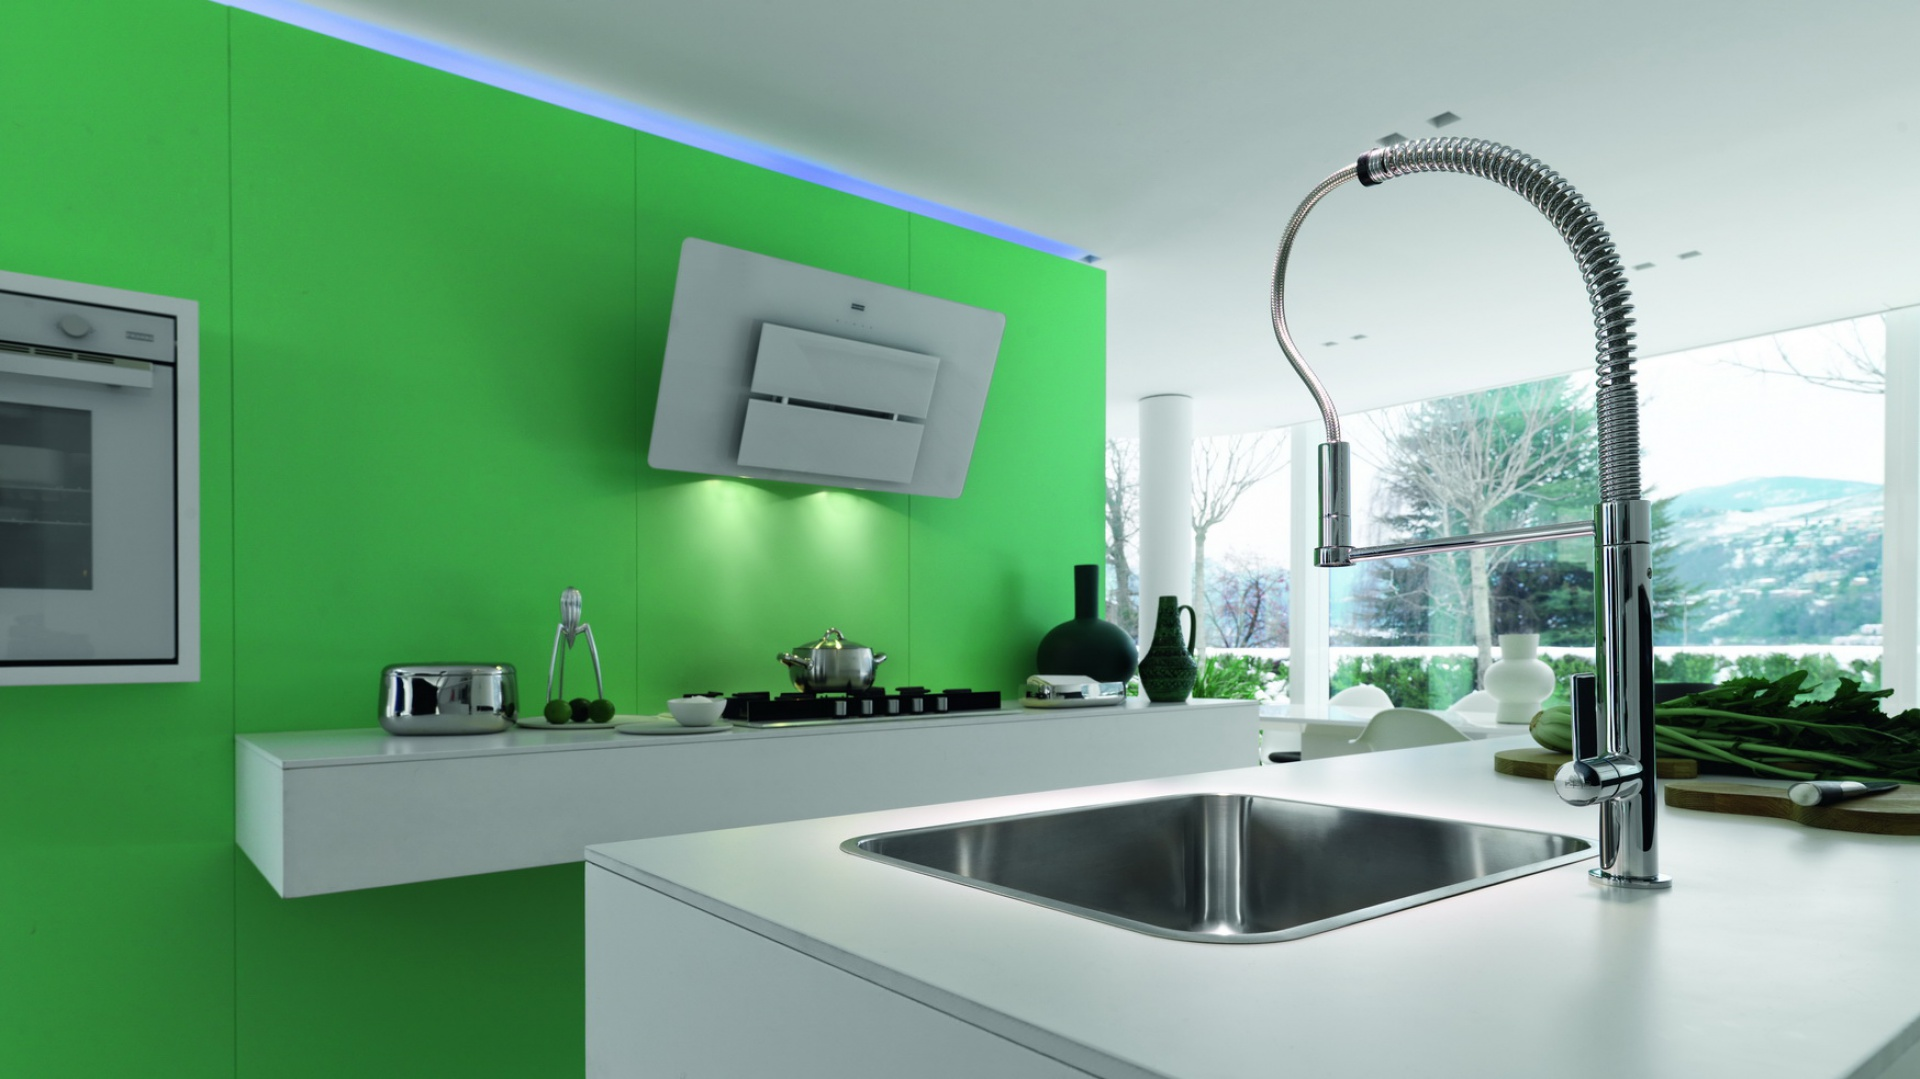 Bateria Masterchef doskonale sprawdzi się w nowoczesnej kuchni. Jest wygodna w użyciu i pięknie wygląda, dzięki czemu stanie się ozdobą każdego wnętrza. Fot. Franke.